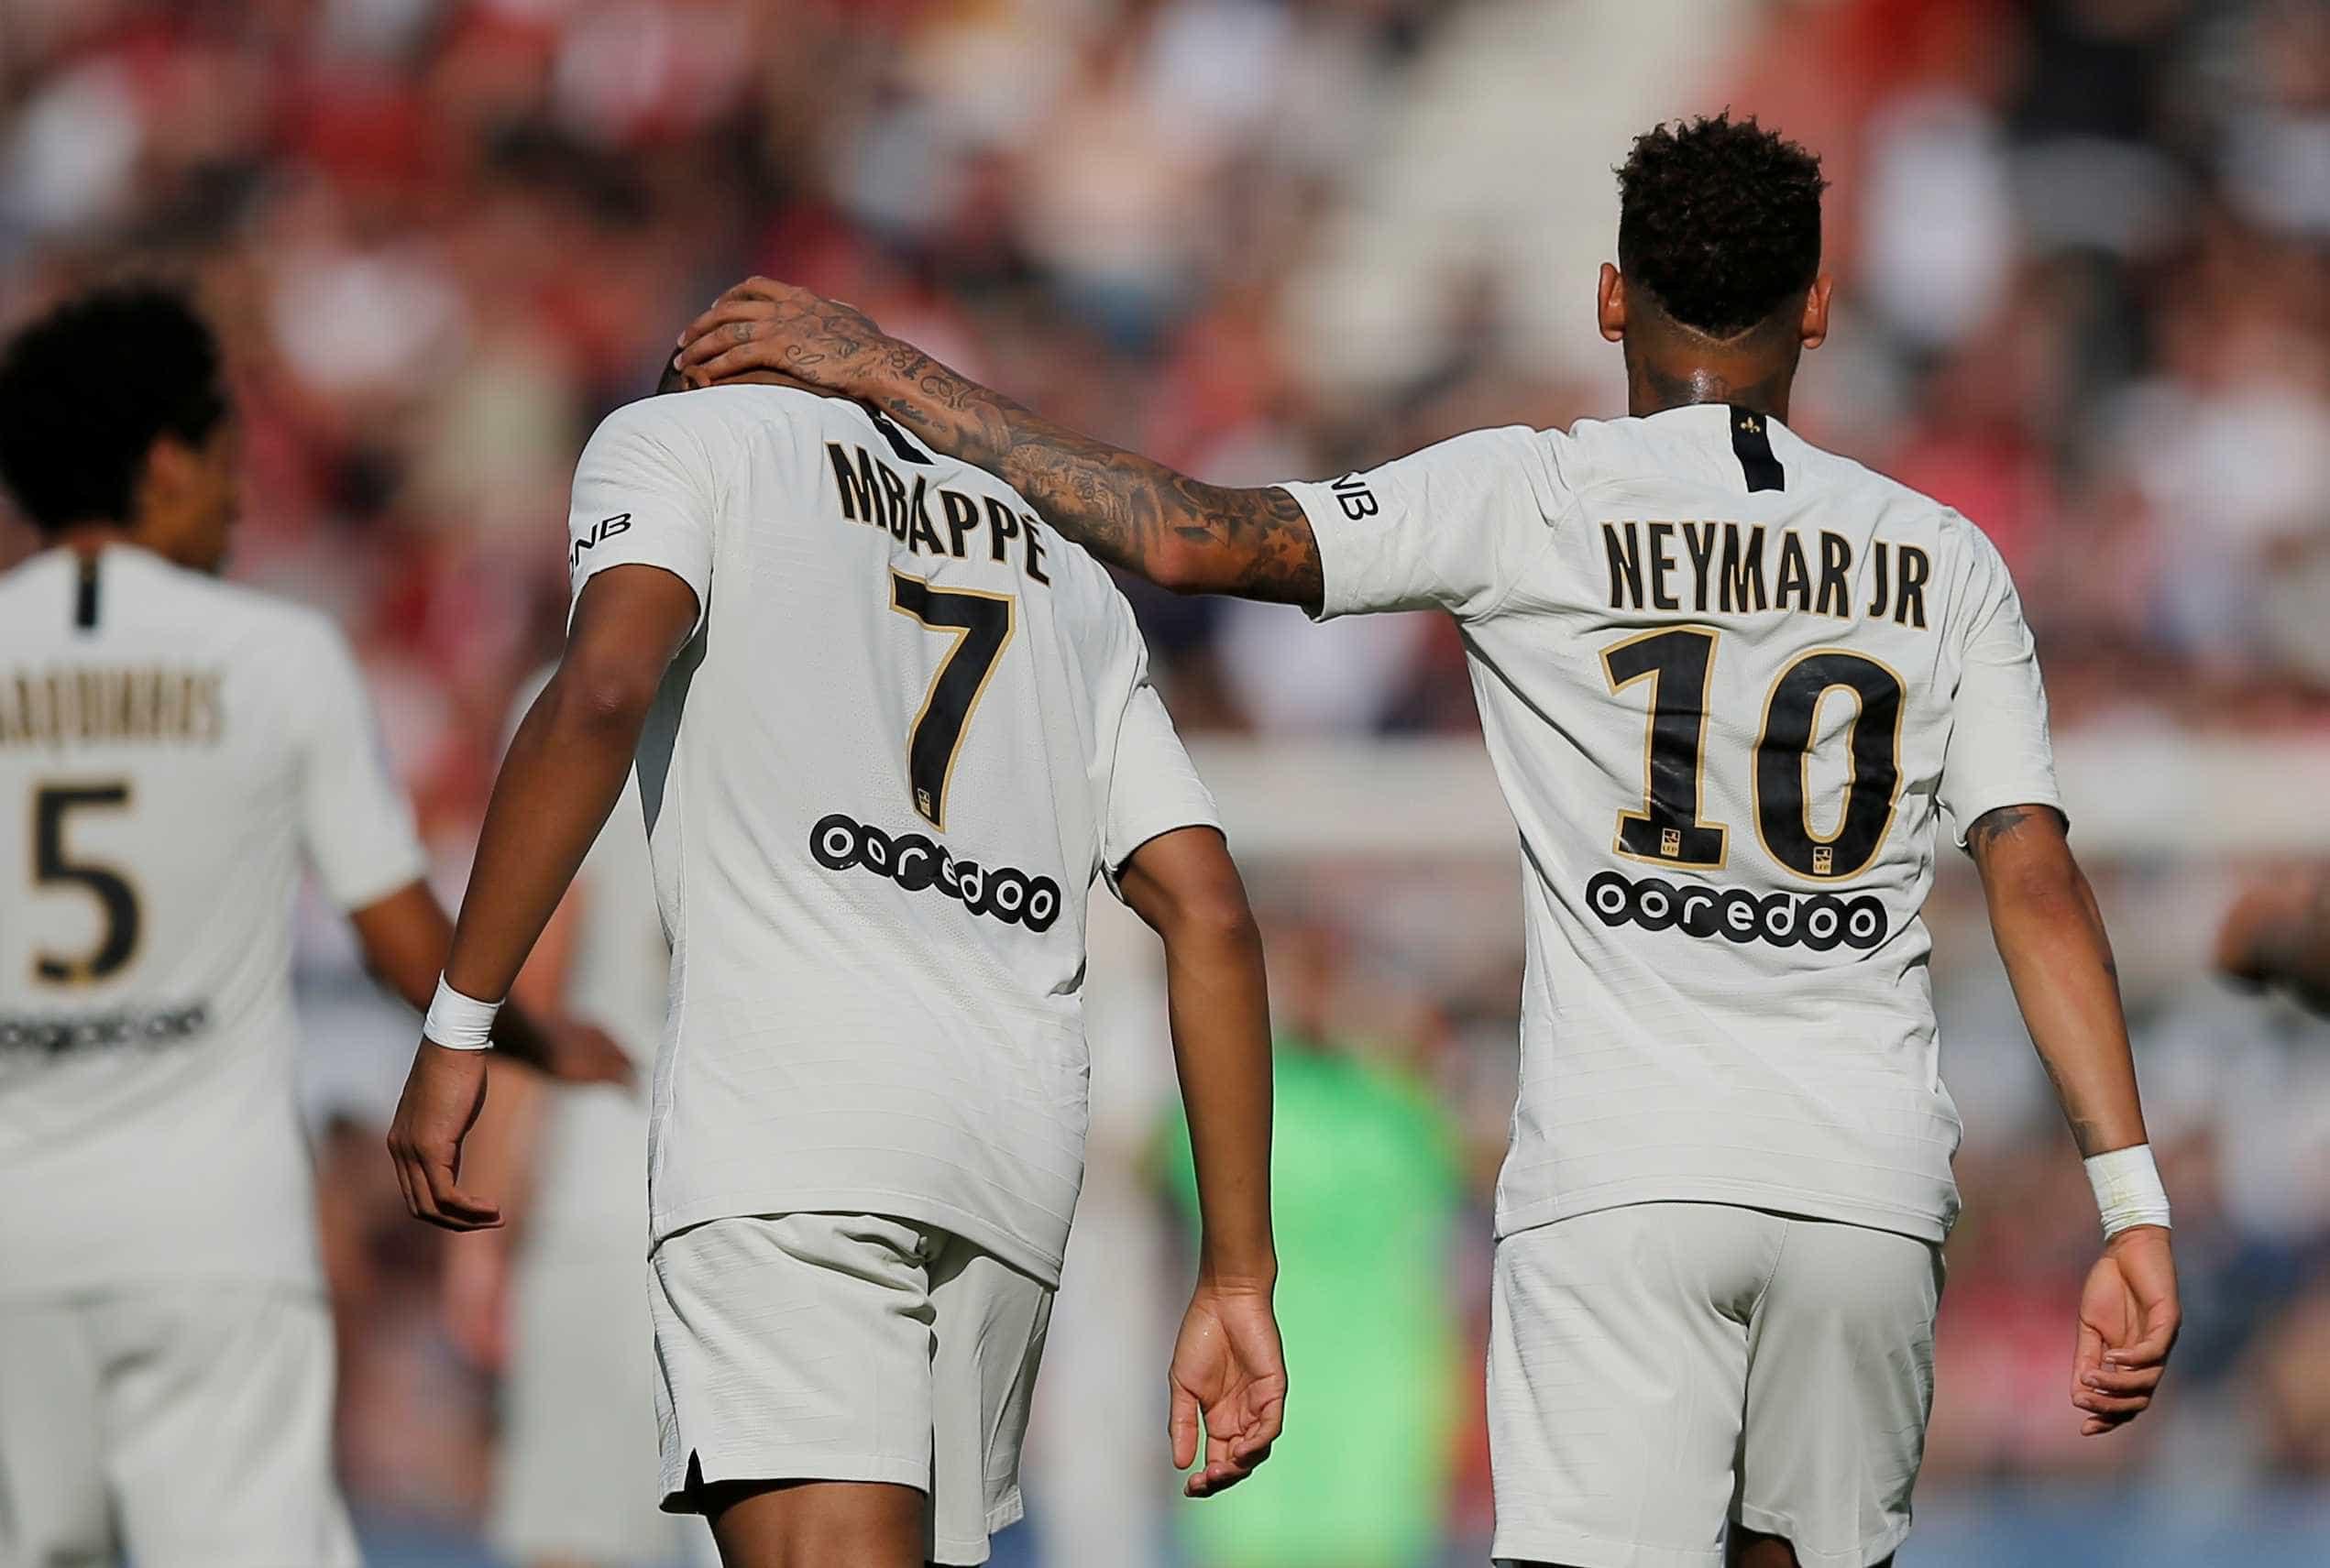 Mbappé comenta desempenho de Neymar após vitória do PSG